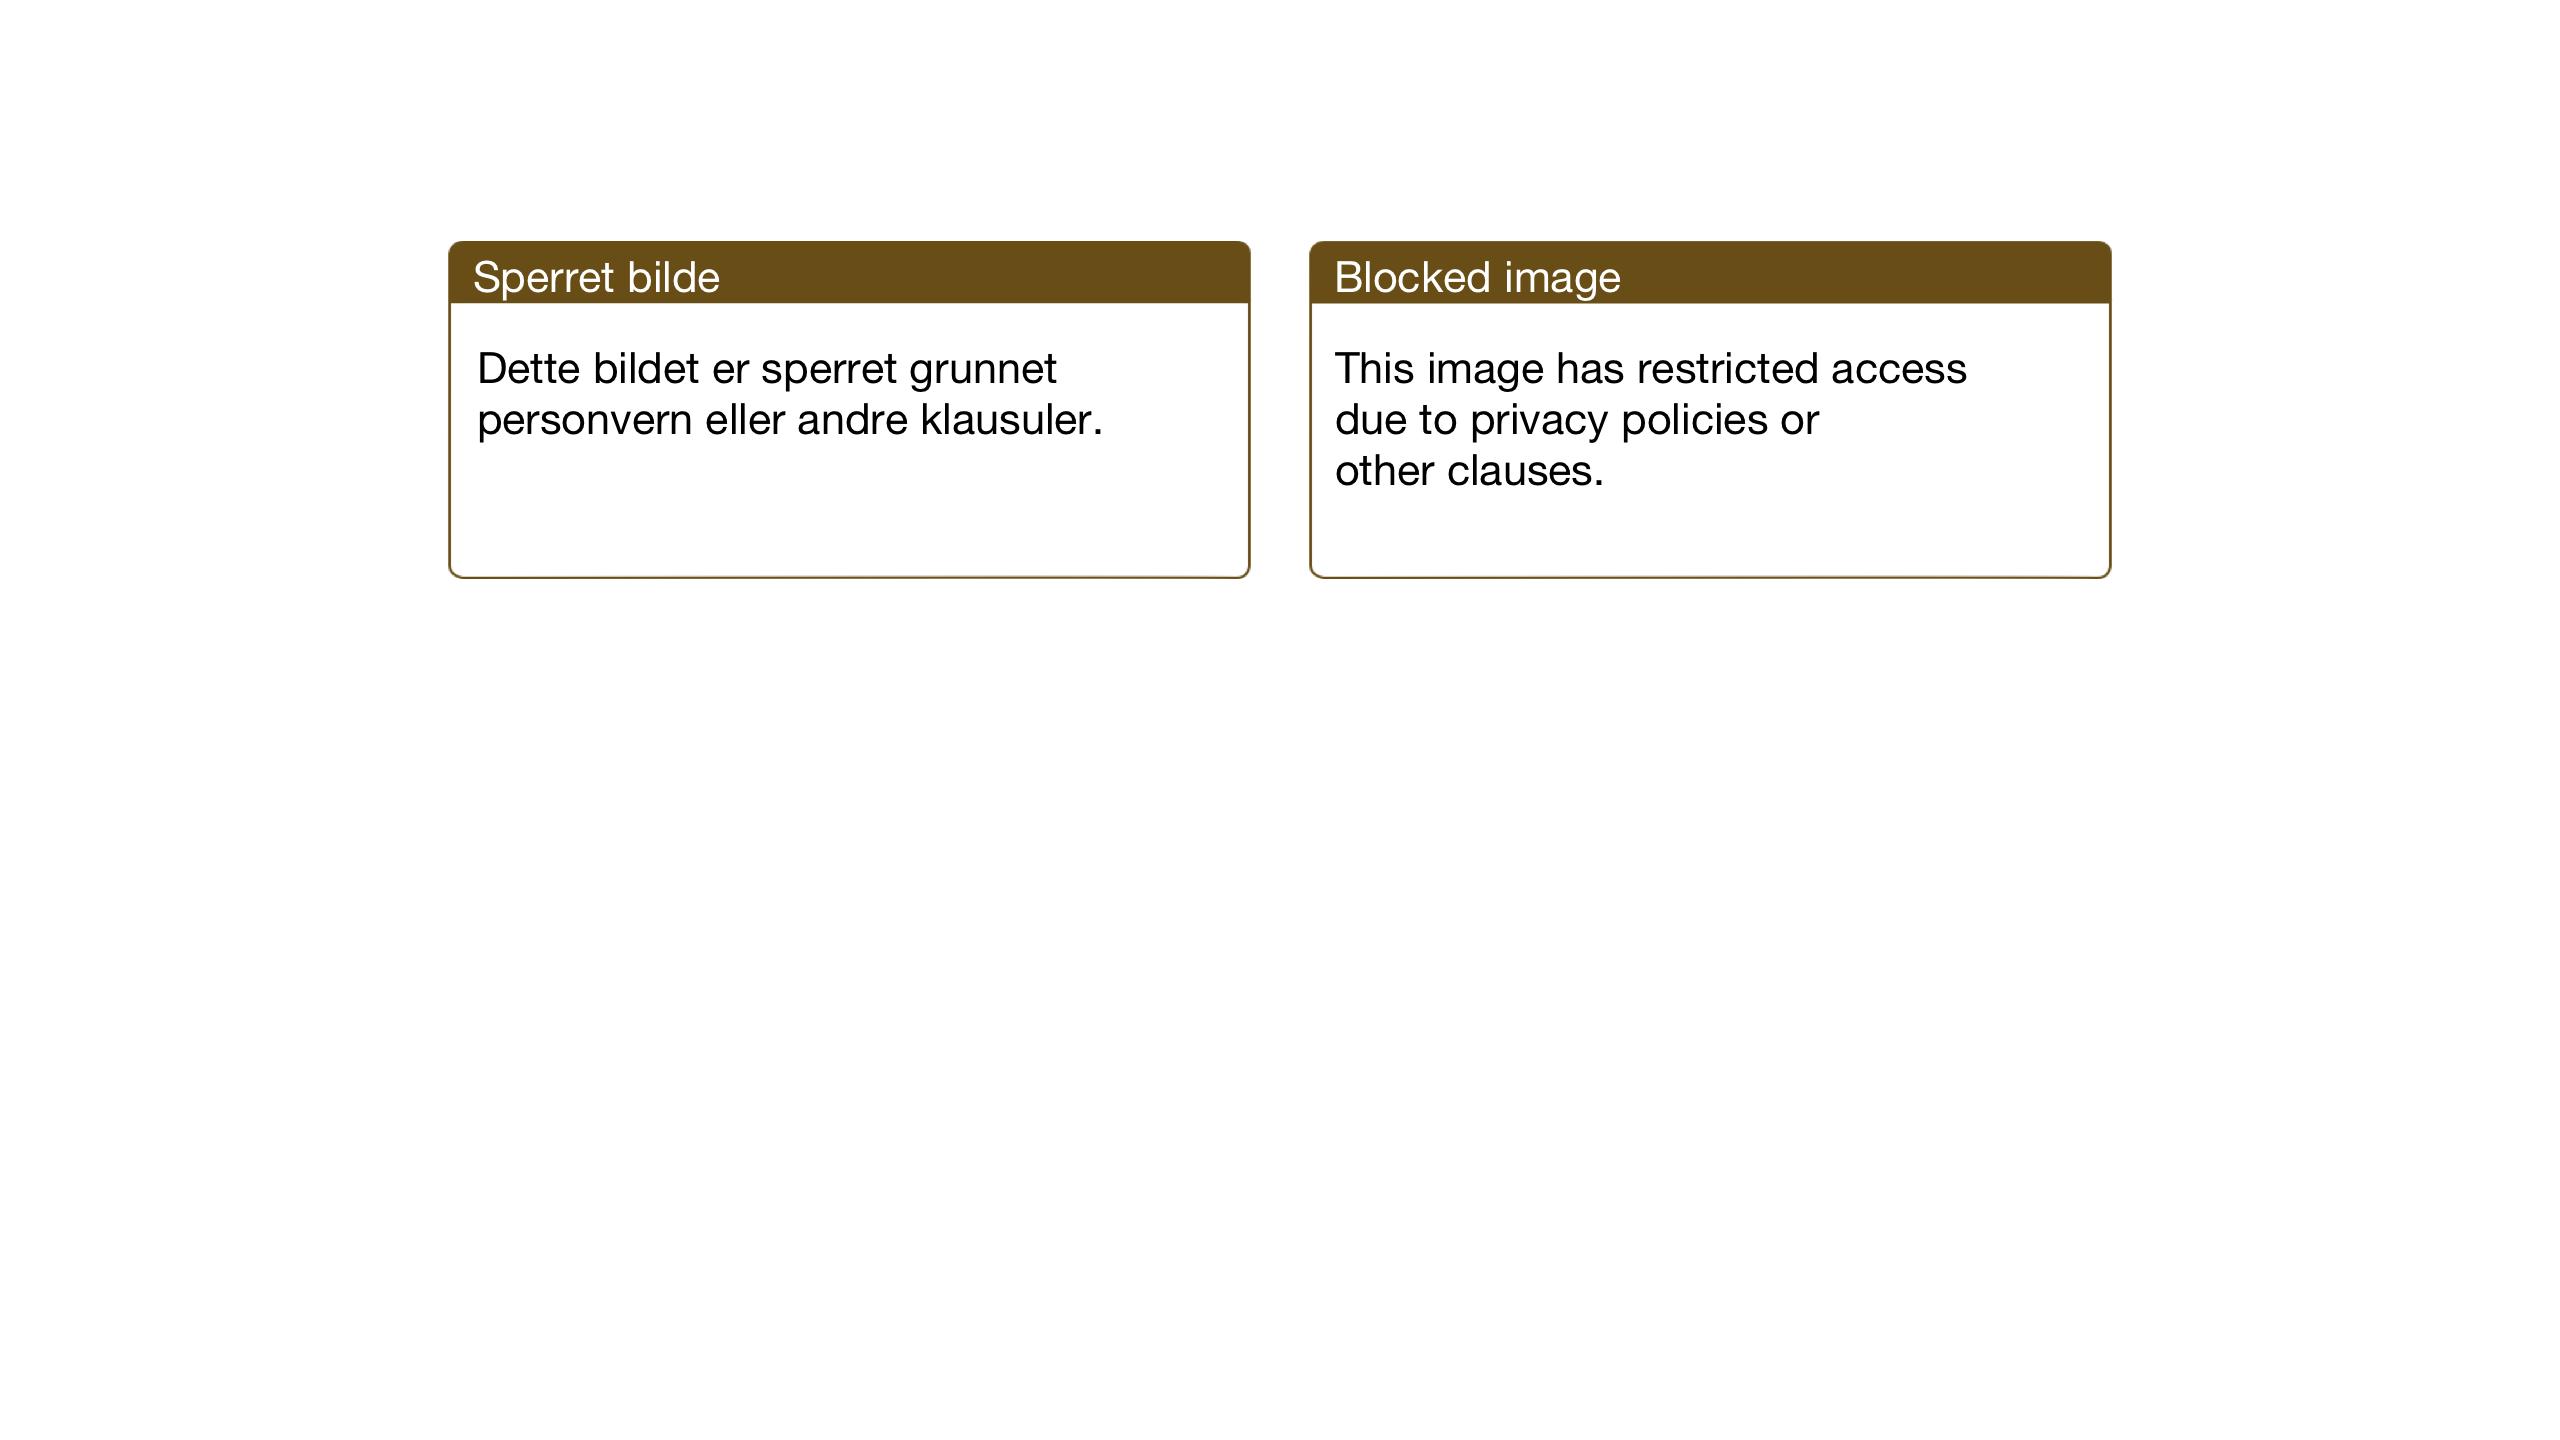 SAT, Ministerialprotokoller, klokkerbøker og fødselsregistre - Sør-Trøndelag, 674/L0878: Klokkerbok nr. 674C05, 1941-1950, s. 98